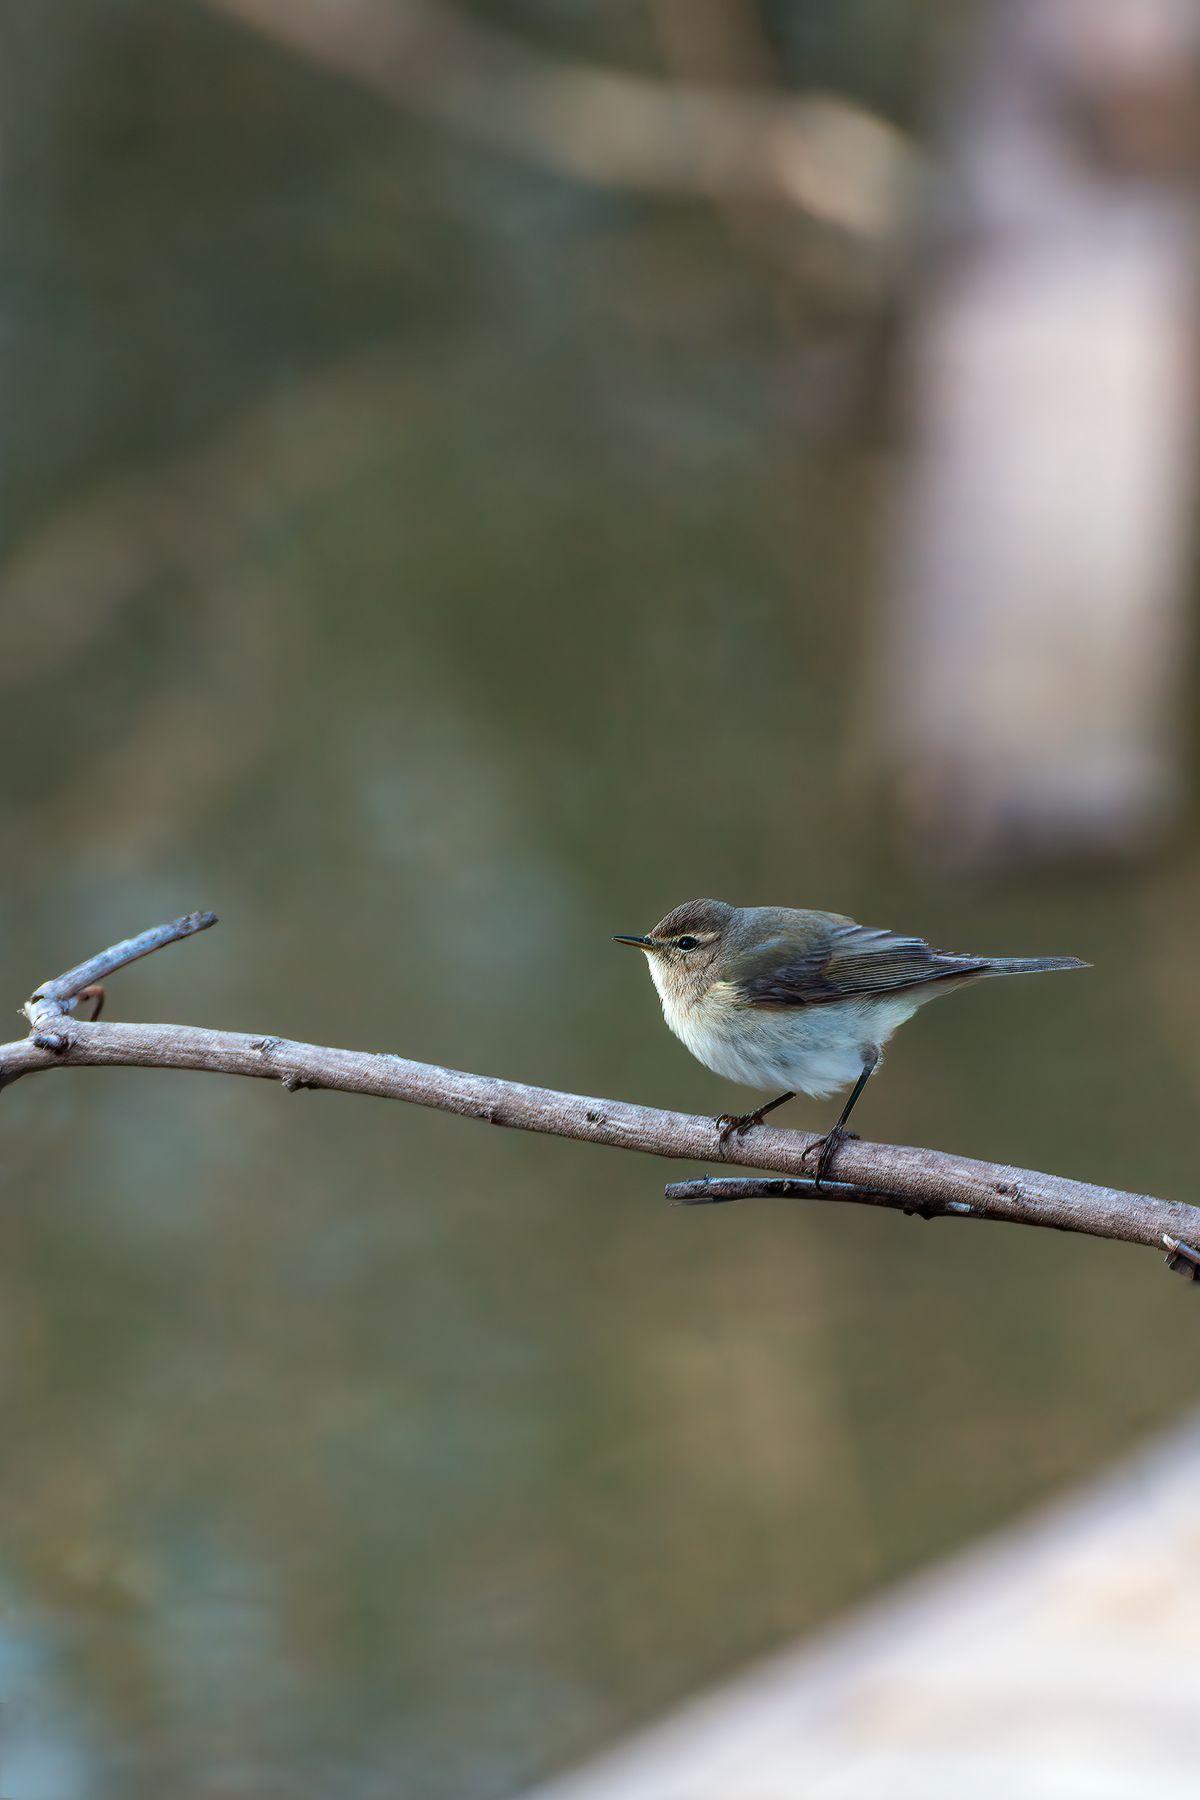 Пеночка - птичка певчая Светлобрюхая пеночка Phylloscopus bonelli